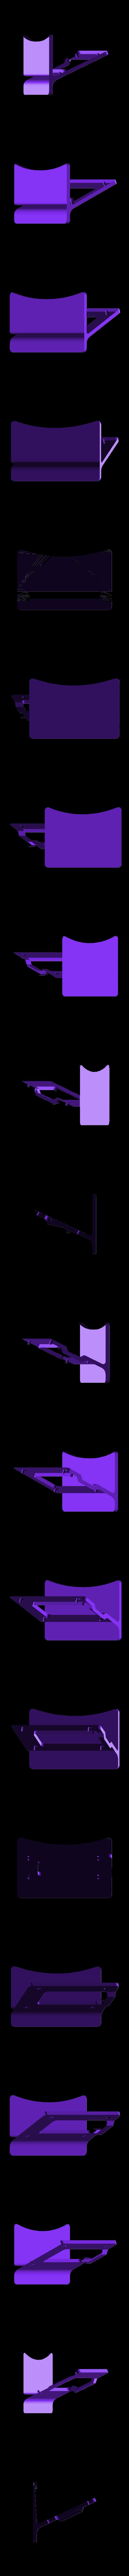 eink-FeatherWing-stand.stl Télécharger fichier STL gratuit Support e-Ink FeatherWing • Design pour imprimante 3D, Adafruit